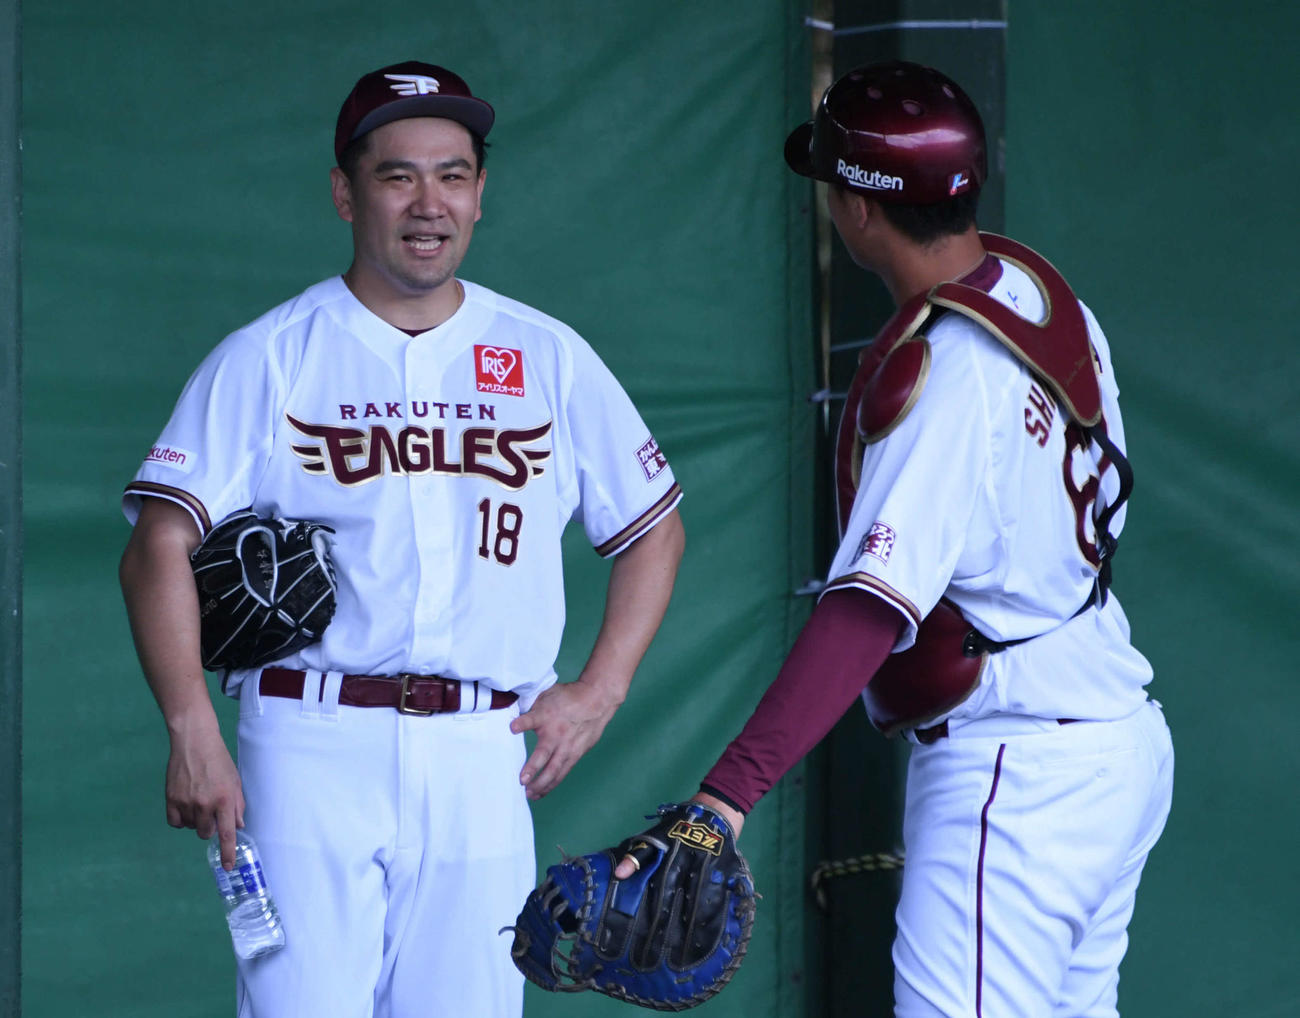 ブルペン投球を終えた楽天田中将(左)は下妻と話し込む